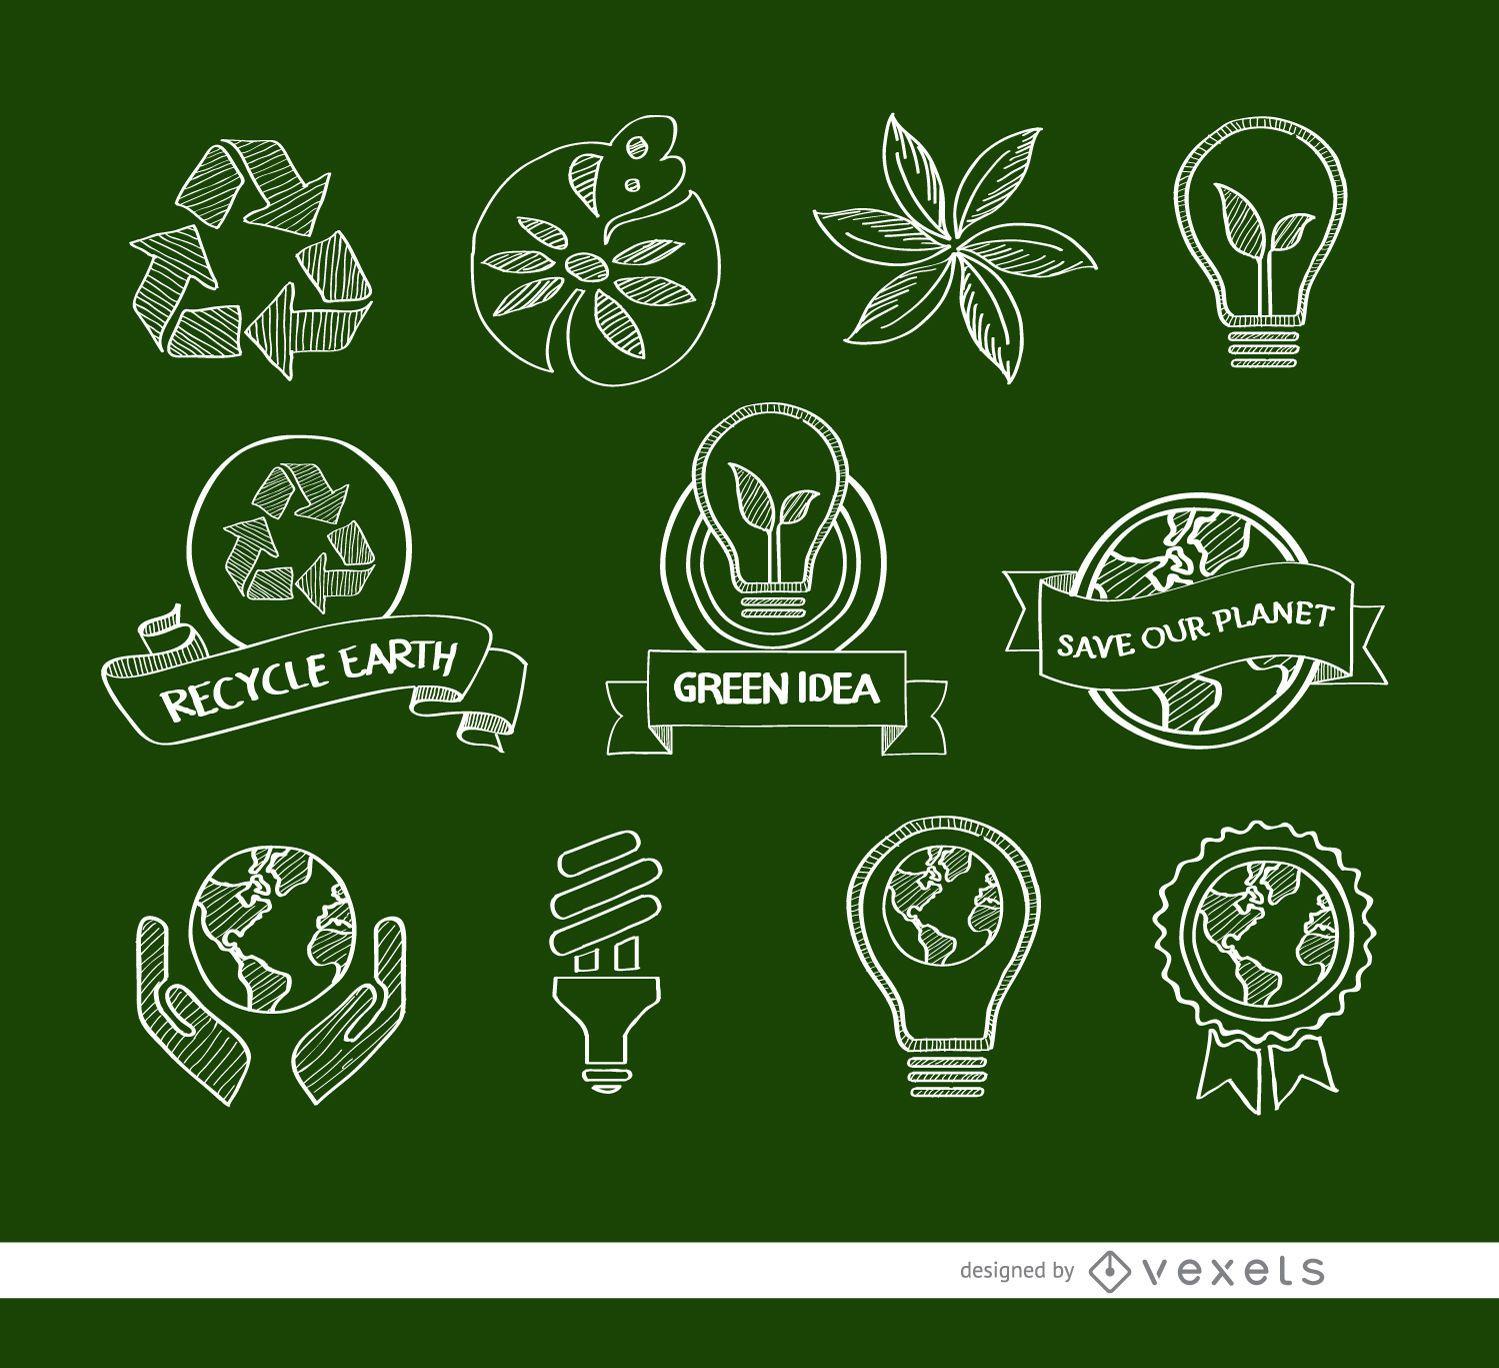 11 Doodle ecologic icons